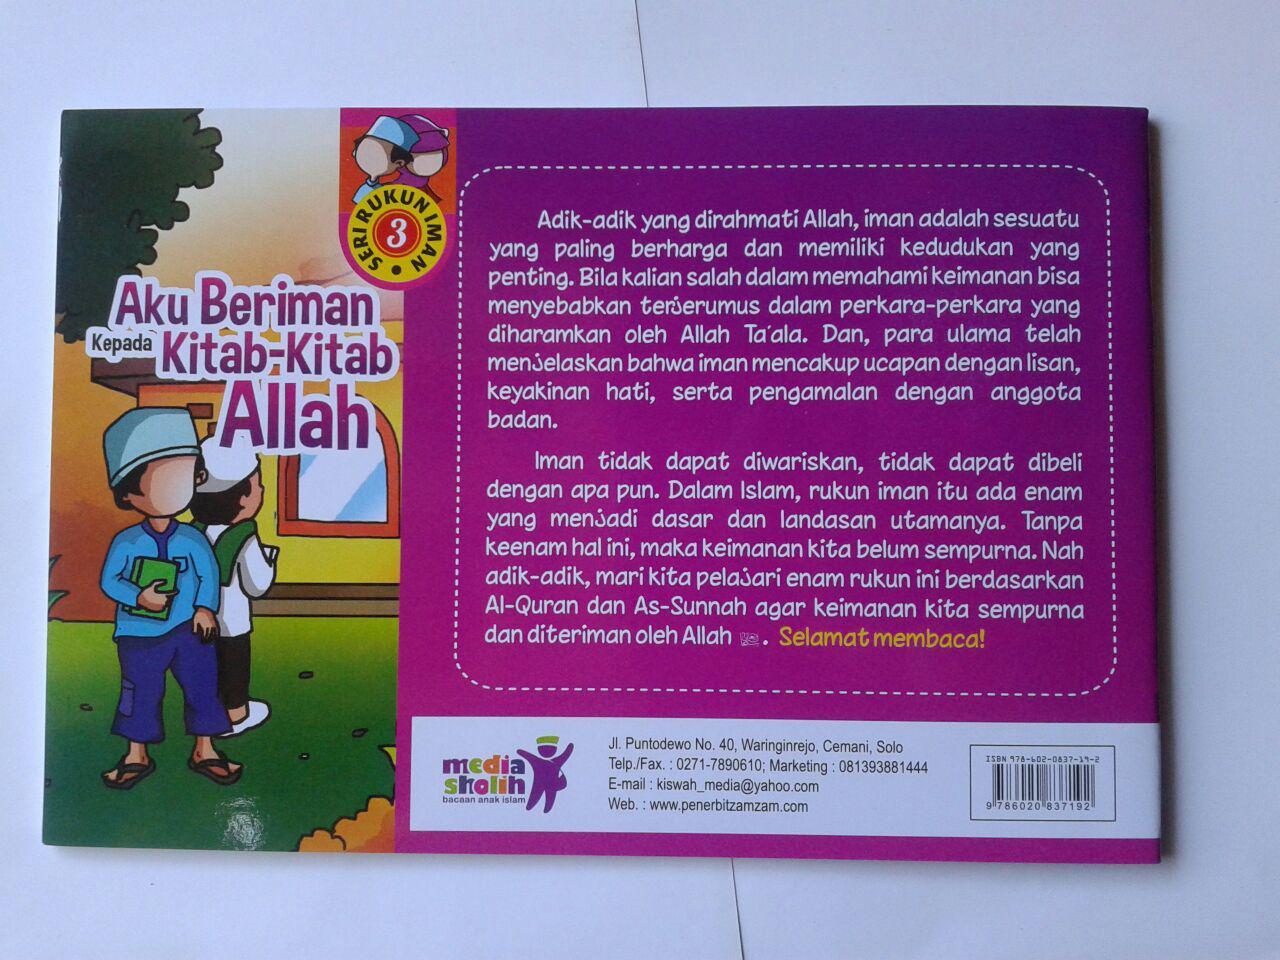 Buku Anak Aku Beriman Kepada Kitab-Kitab Allah cover